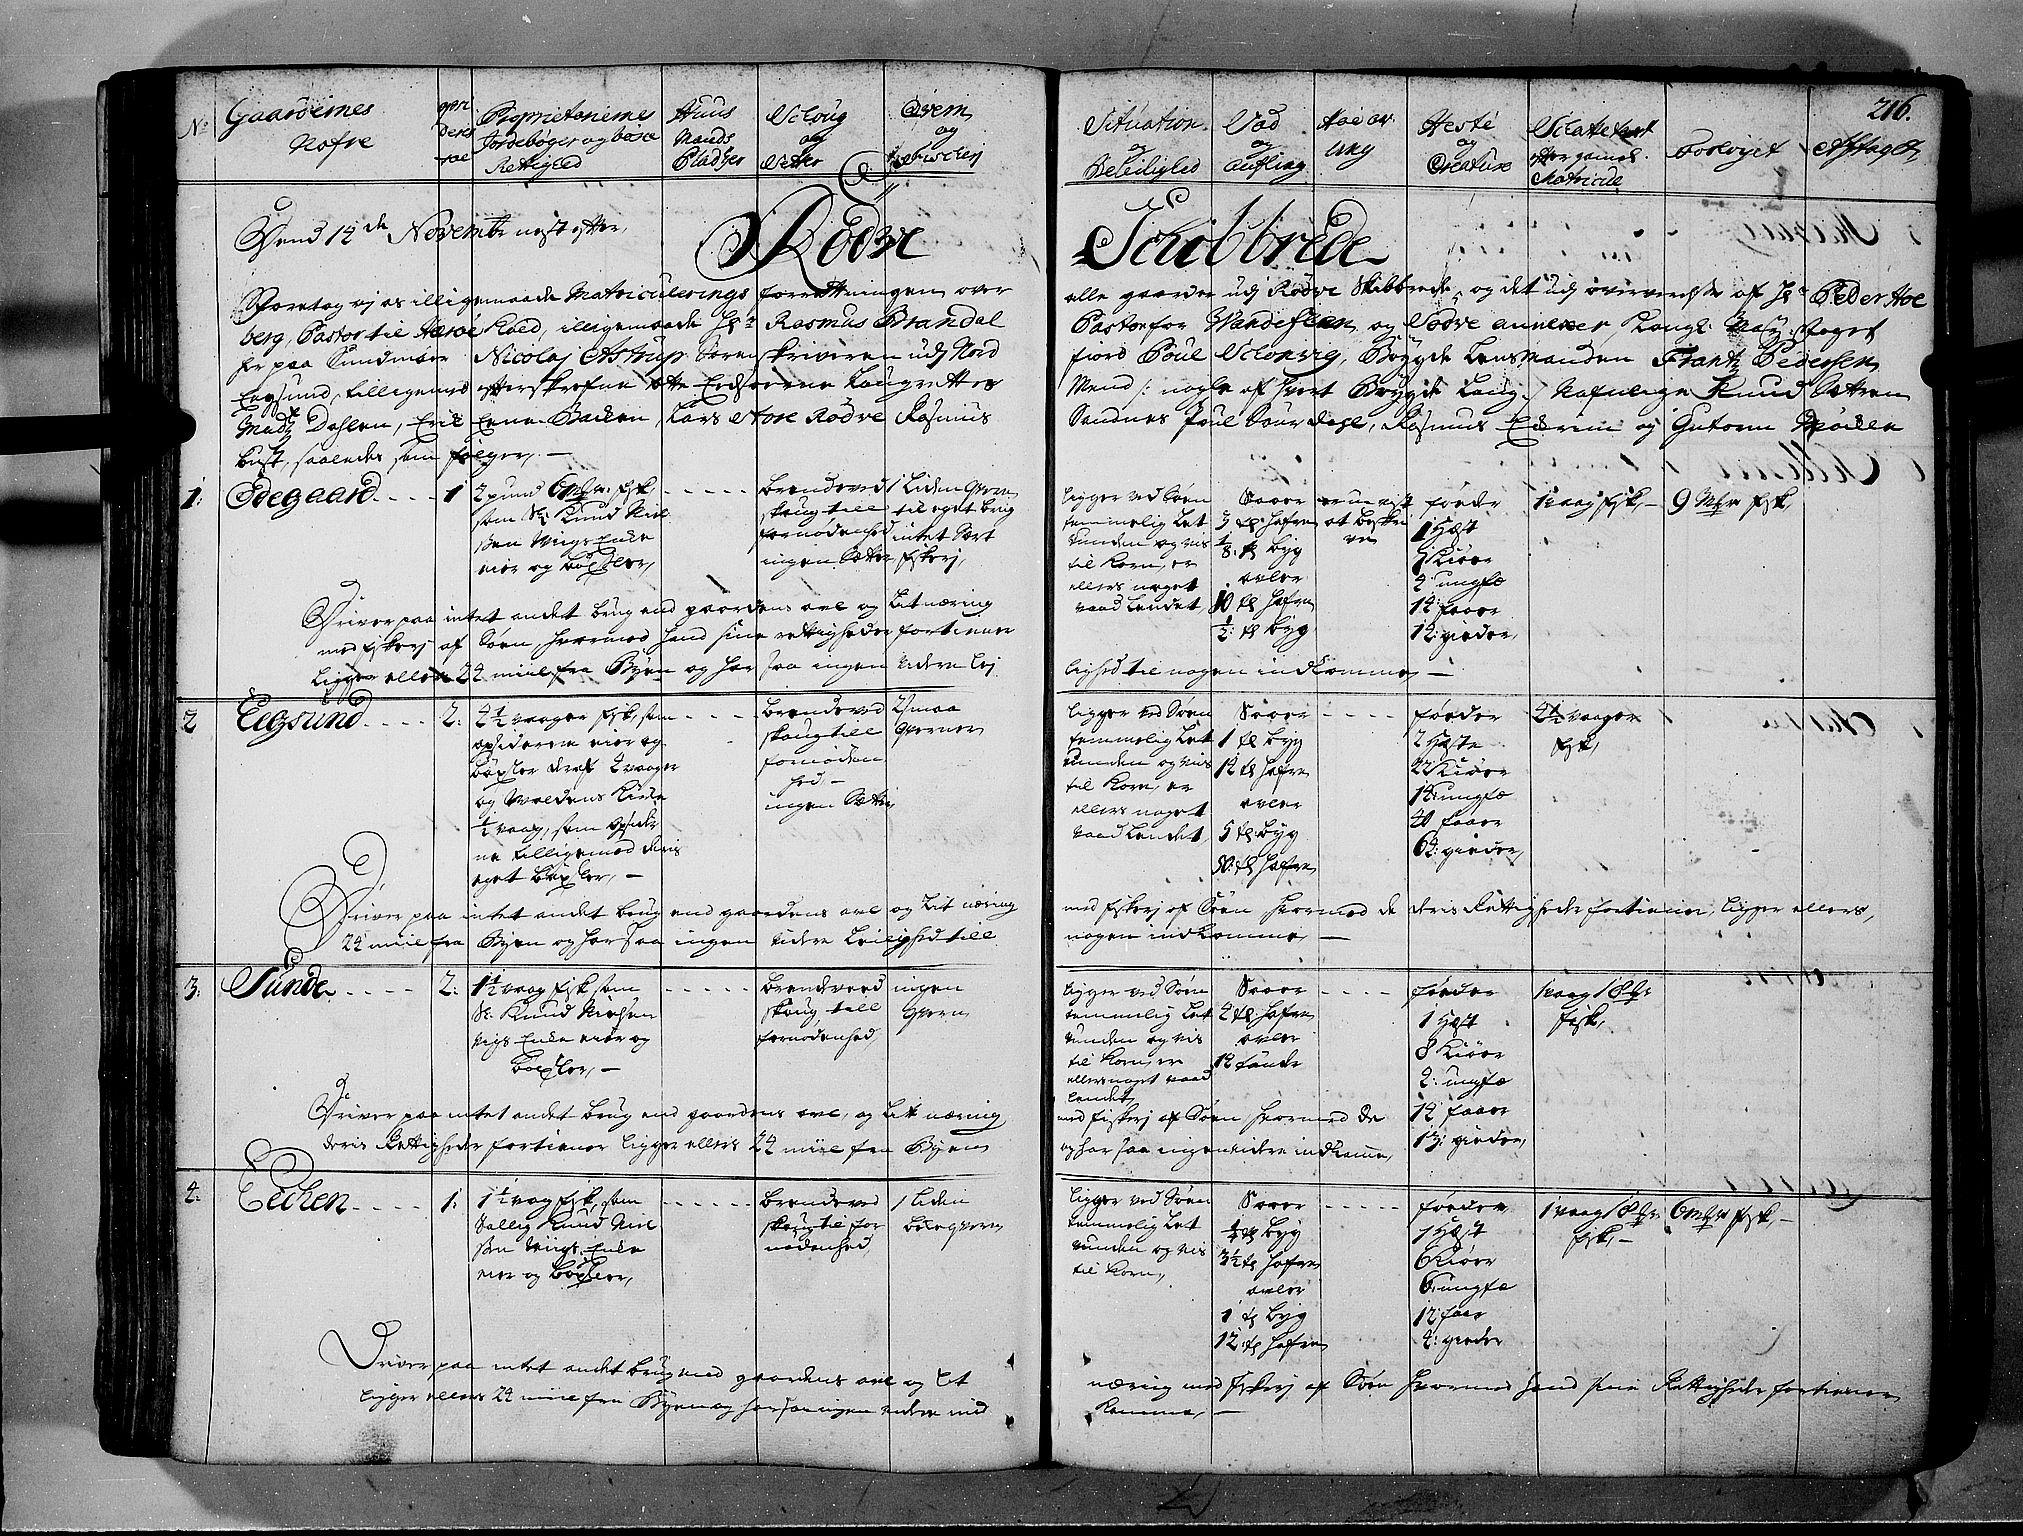 RA, Rentekammeret inntil 1814, Realistisk ordnet avdeling, N/Nb/Nbf/L0150: Sunnmøre eksaminasjonsprotokoll, 1724, s. 215b-216a